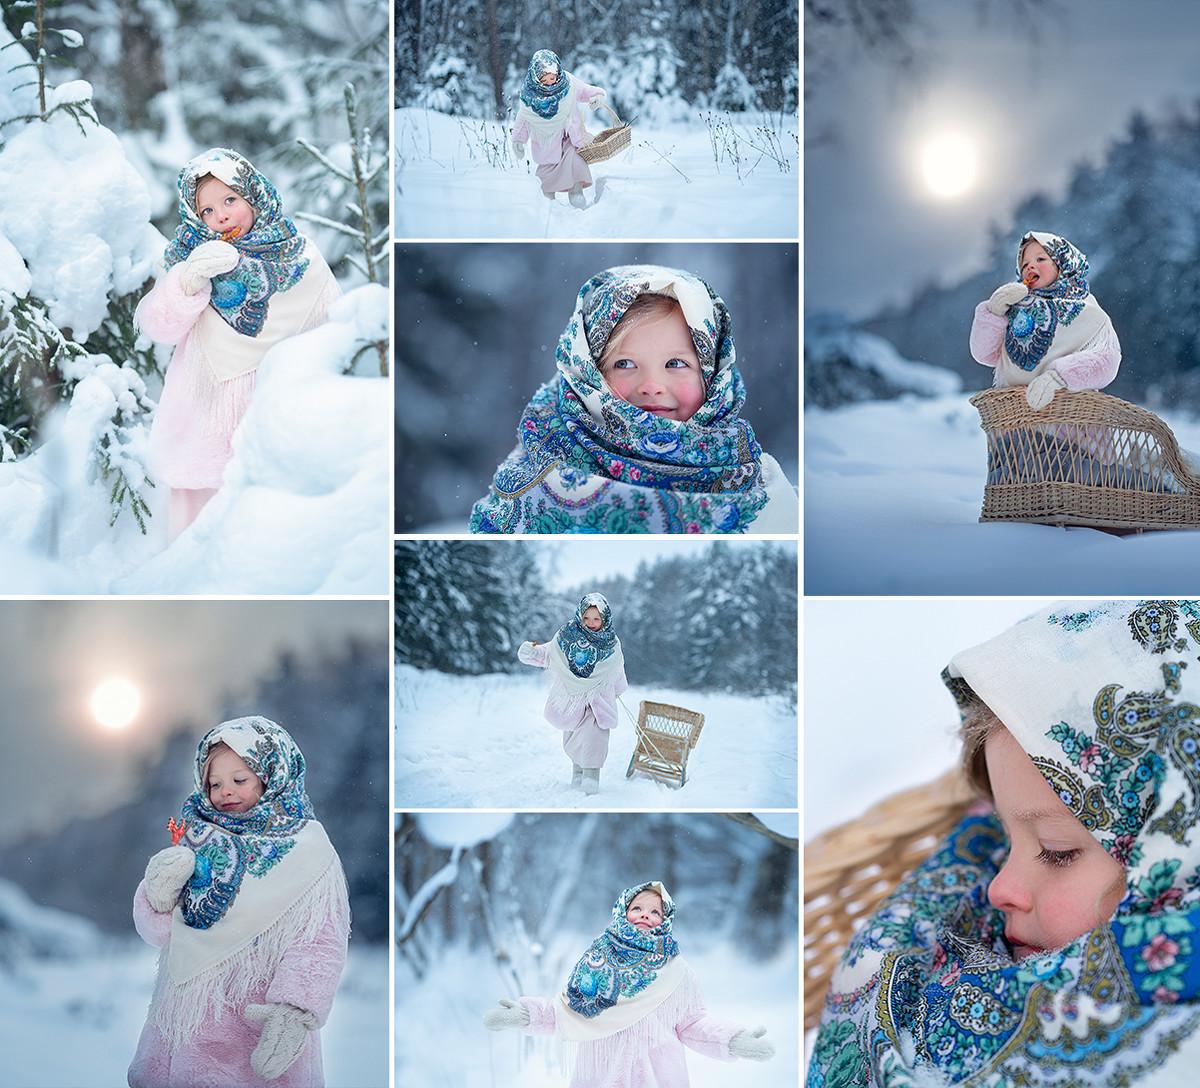 Бесплатный онлайн-урок по детской фотографии от Елены Карнеевой